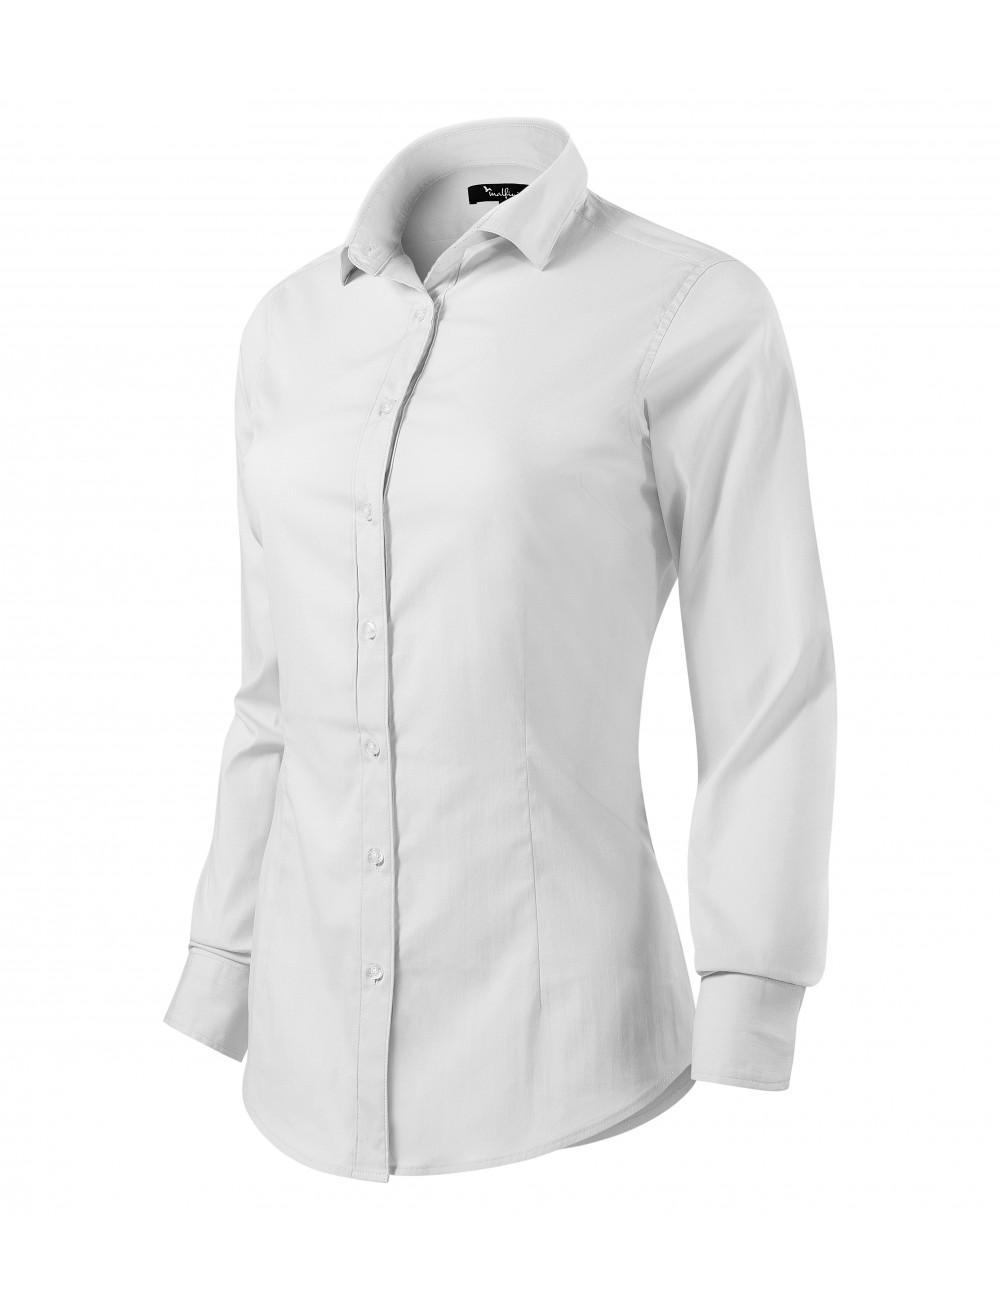 Adler MALFINIPREMIUM Koszula damska Dynamic 263 biały